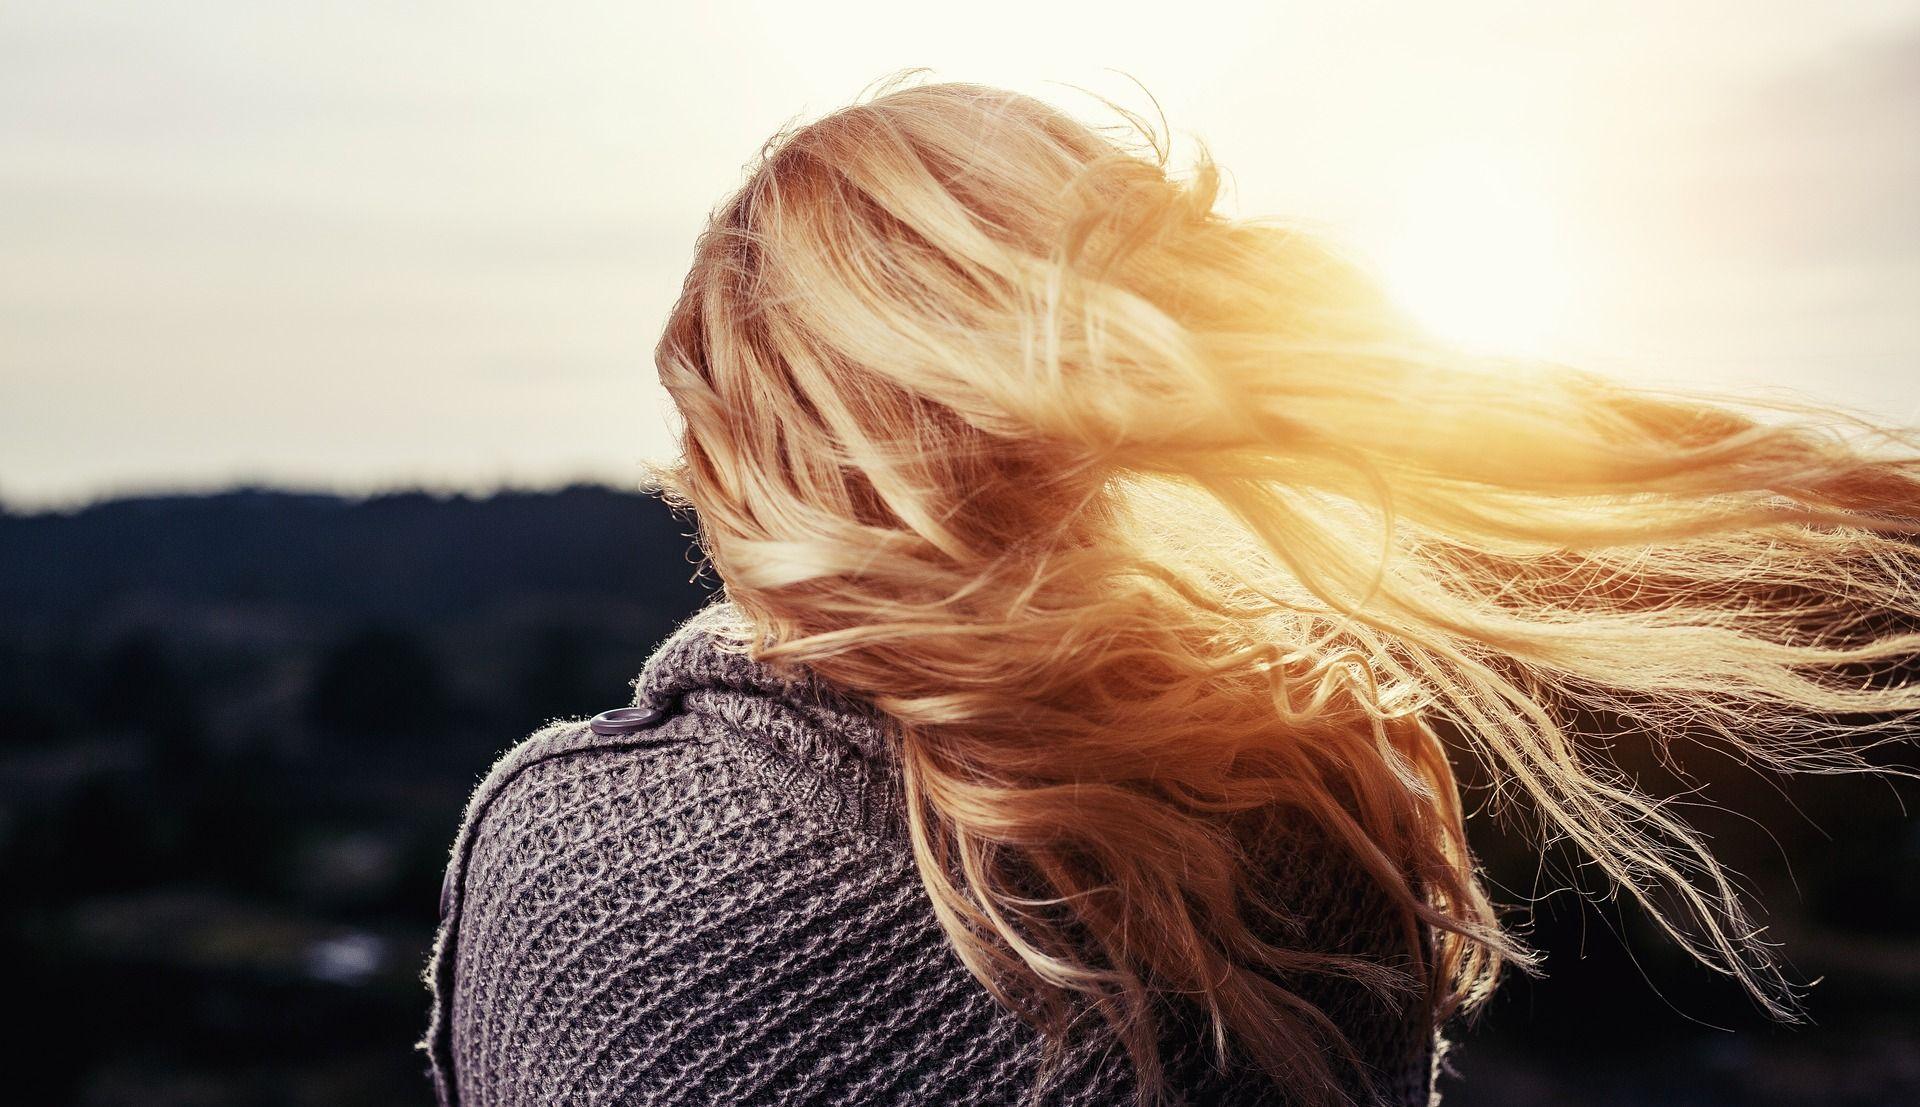 VRIJEME Sunčano i vjetrovito, sutra osjetno hladnije